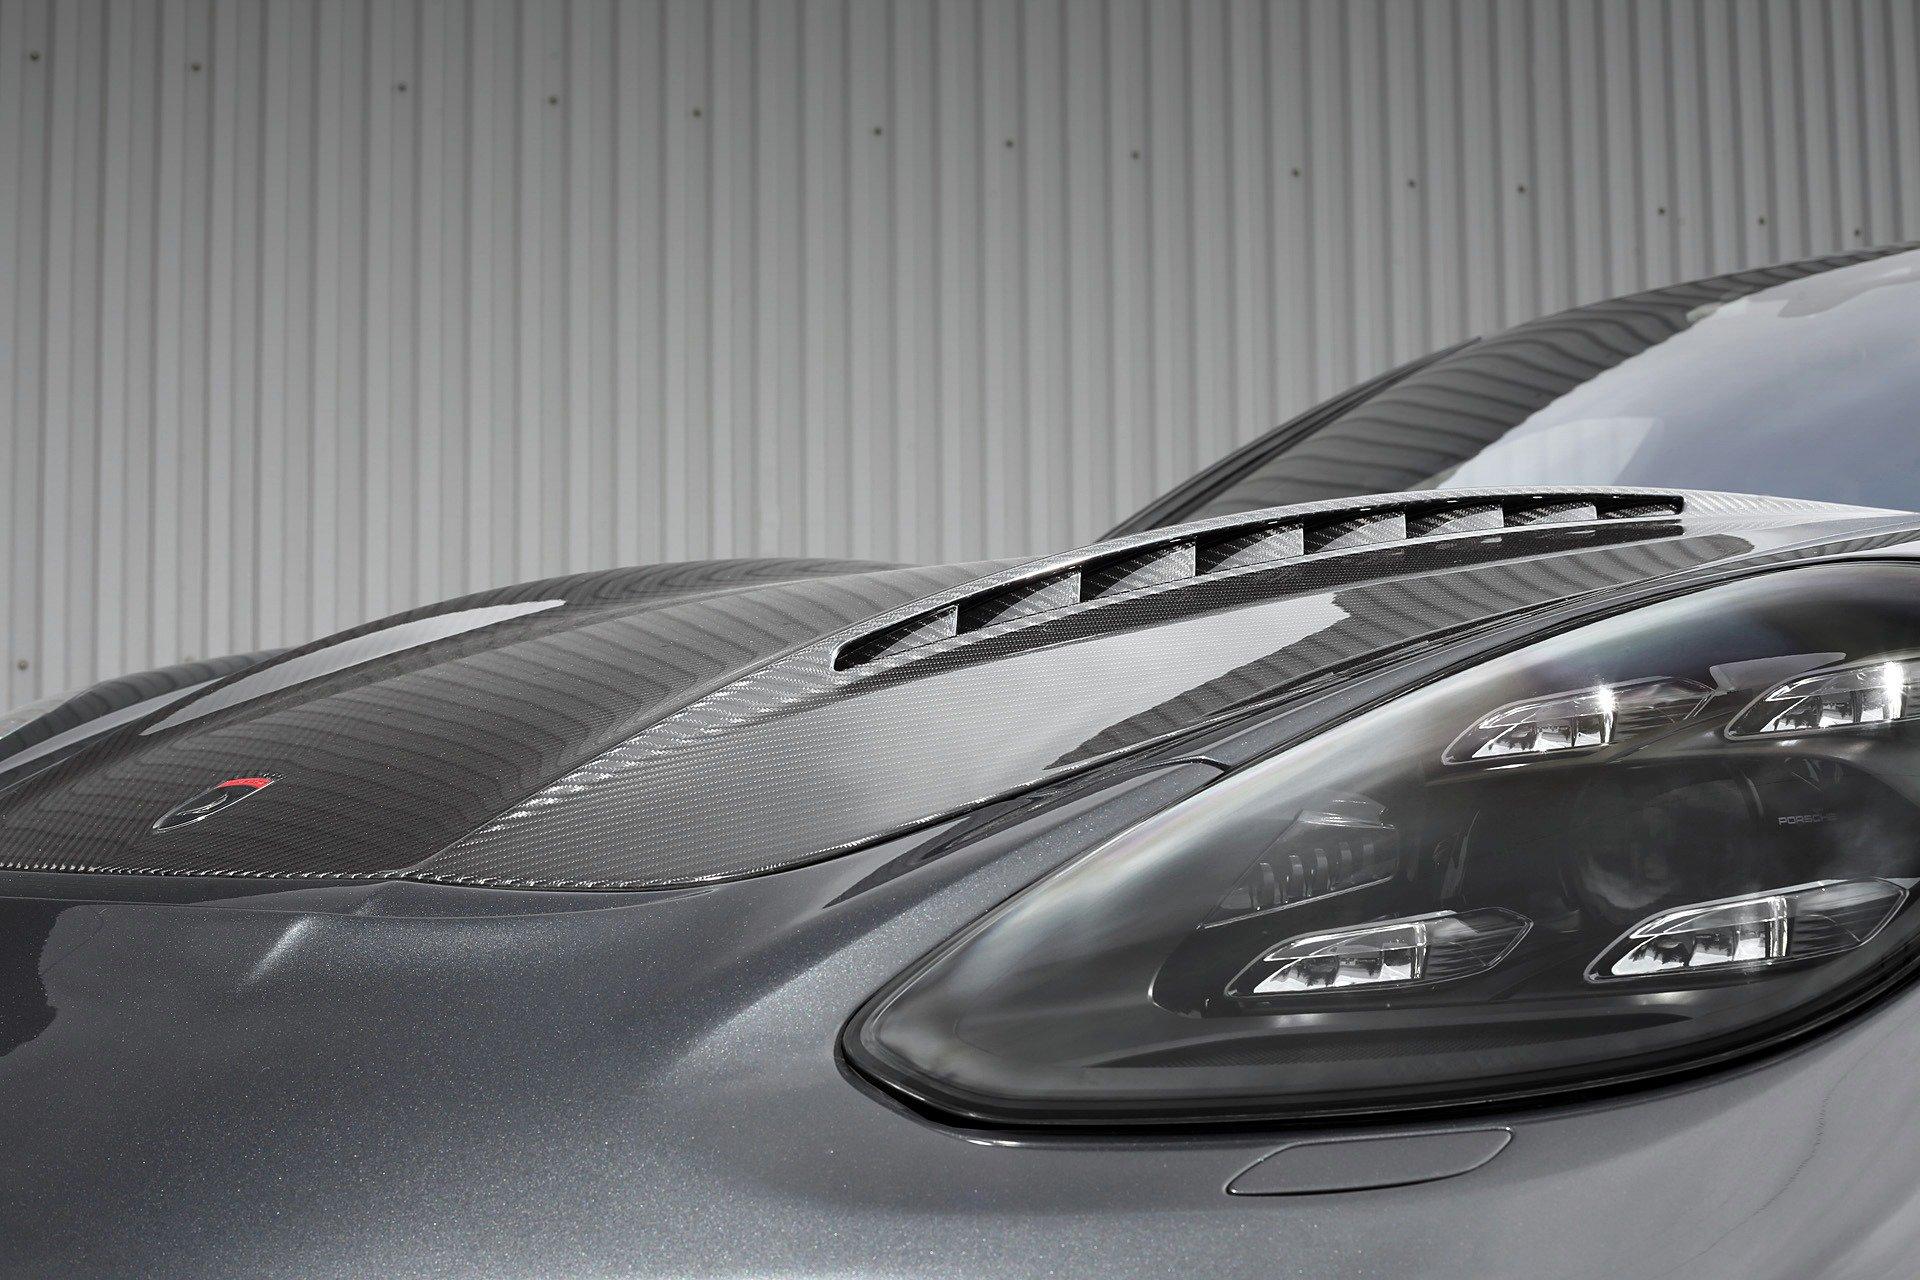 Porsche-Panamera-LWB-by-TopCar-10